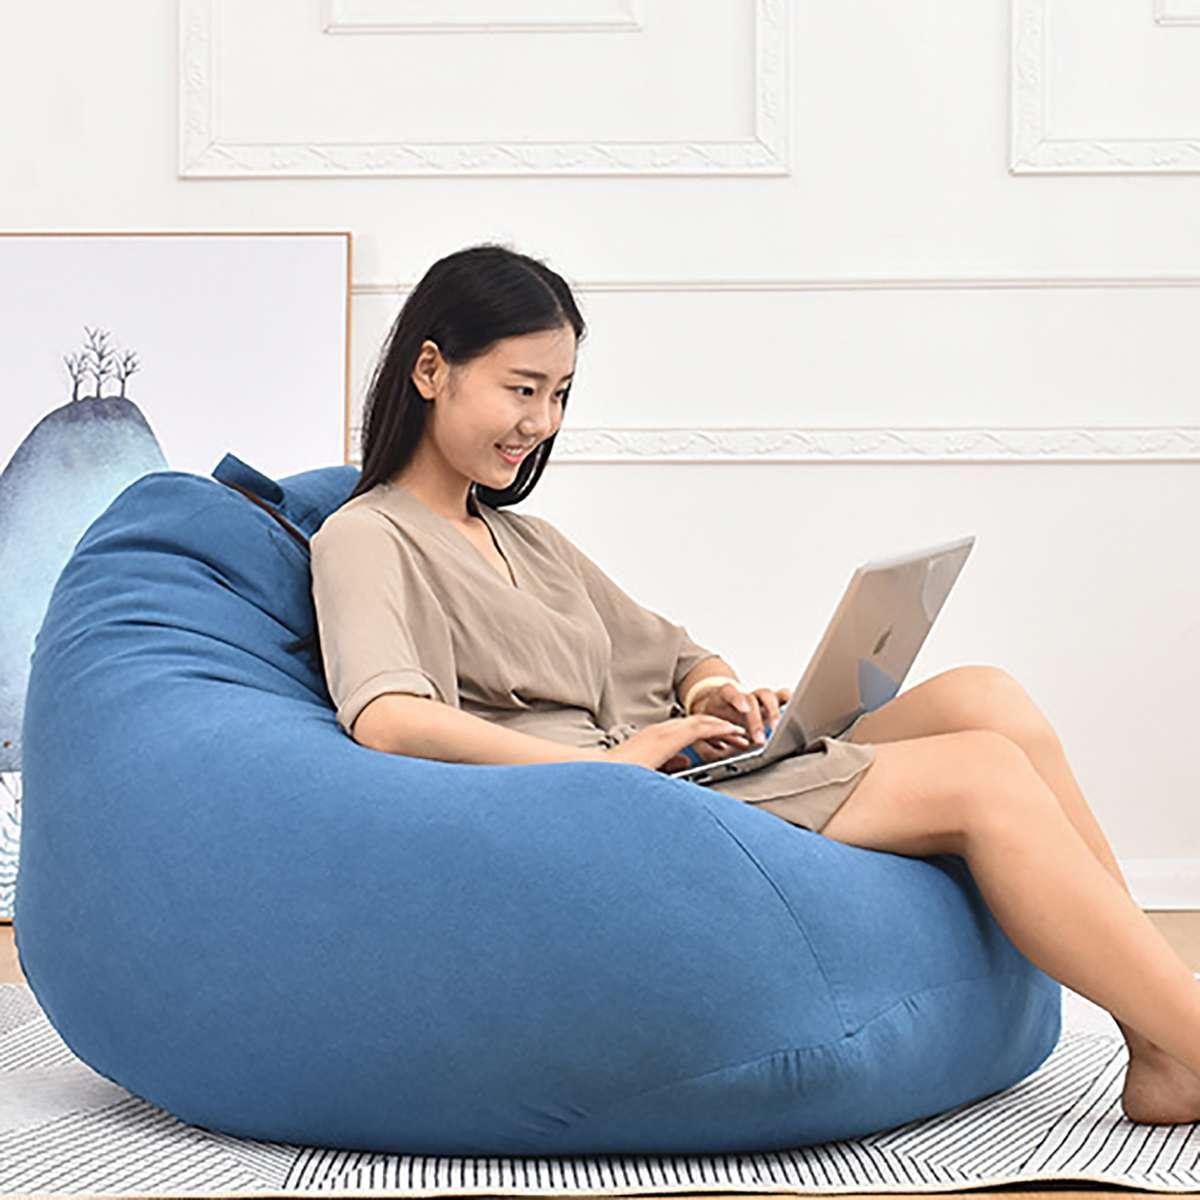 Pouf couleur unie chaise longue canapé coton lin pouf canapés imperméable à l'eau en peluche stockage jouet chaise couverture salon